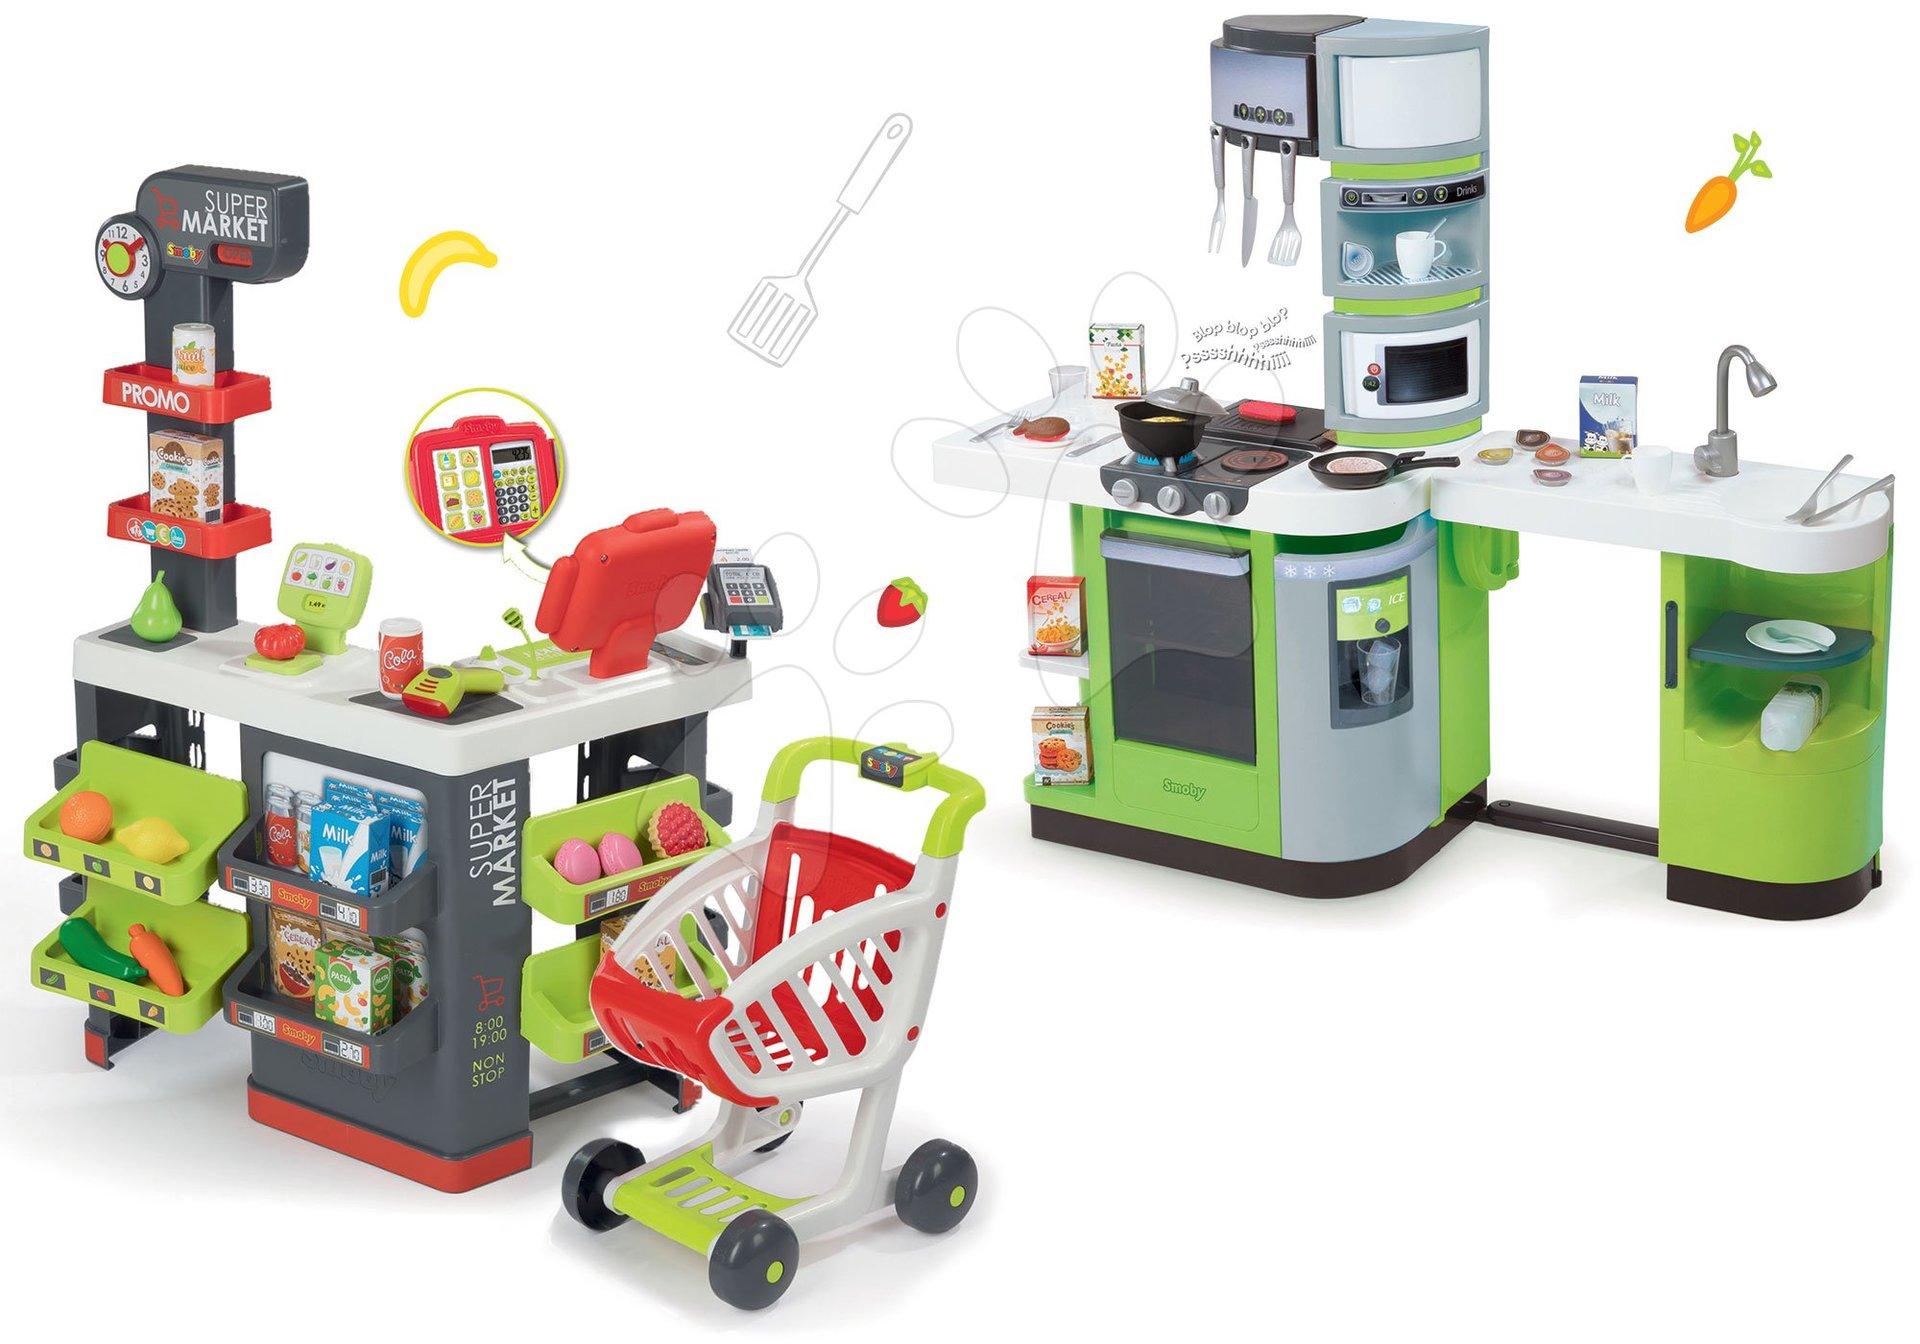 Obchody pre deti sety - Set obchod Supermarket Smoby s elektronickou pokladňou a kuchynka Cookmaster Verte s ľadom